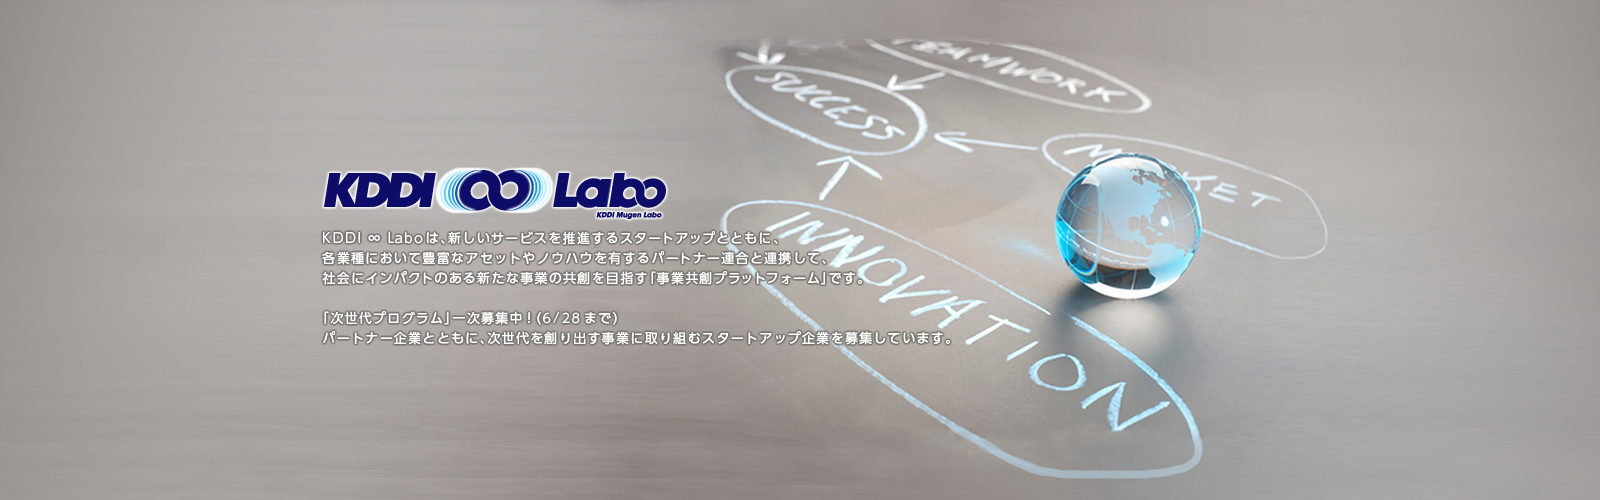 KDDI ∞ Laboは、新しいサービスを推進するスタートアップとともに、各業種において豊富なアセットやノウハウを有するパートナー連合と連携して、社会にインパクトのある新たな事業の共創を目指す「事業共創プラットフォーム」です。「次世代プログラム」一次募集中! (6/28まで) パートナー企業とともに、次世代を創り出す事業に取り組むスタートアップ企業を募集しています。